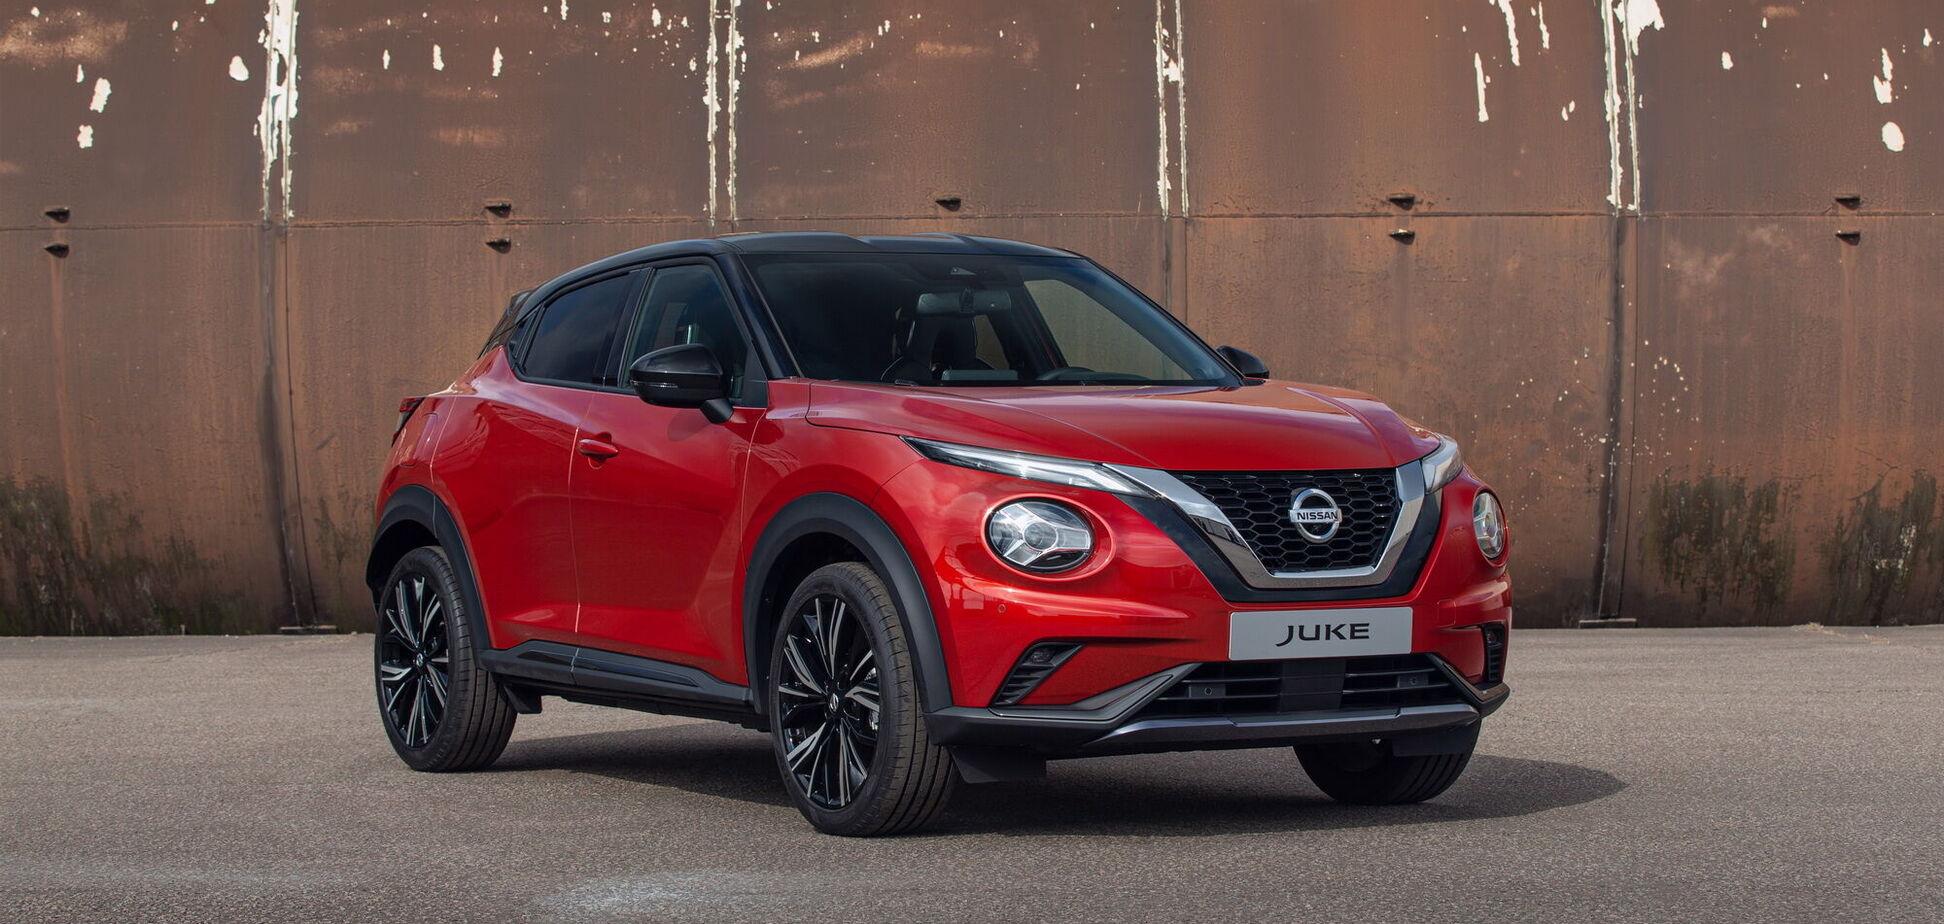 На новый Nissan Juke открыт прием заказов и названы цены